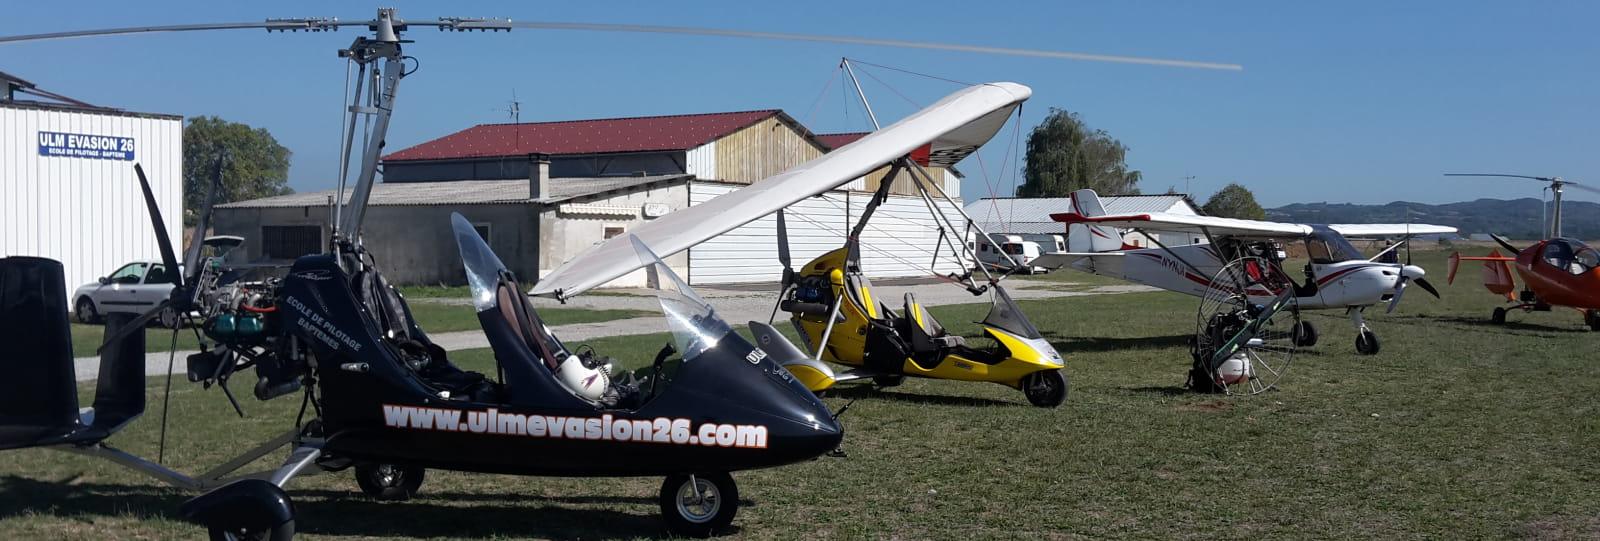 Ecole de pilotage avec ULM Evasion 26